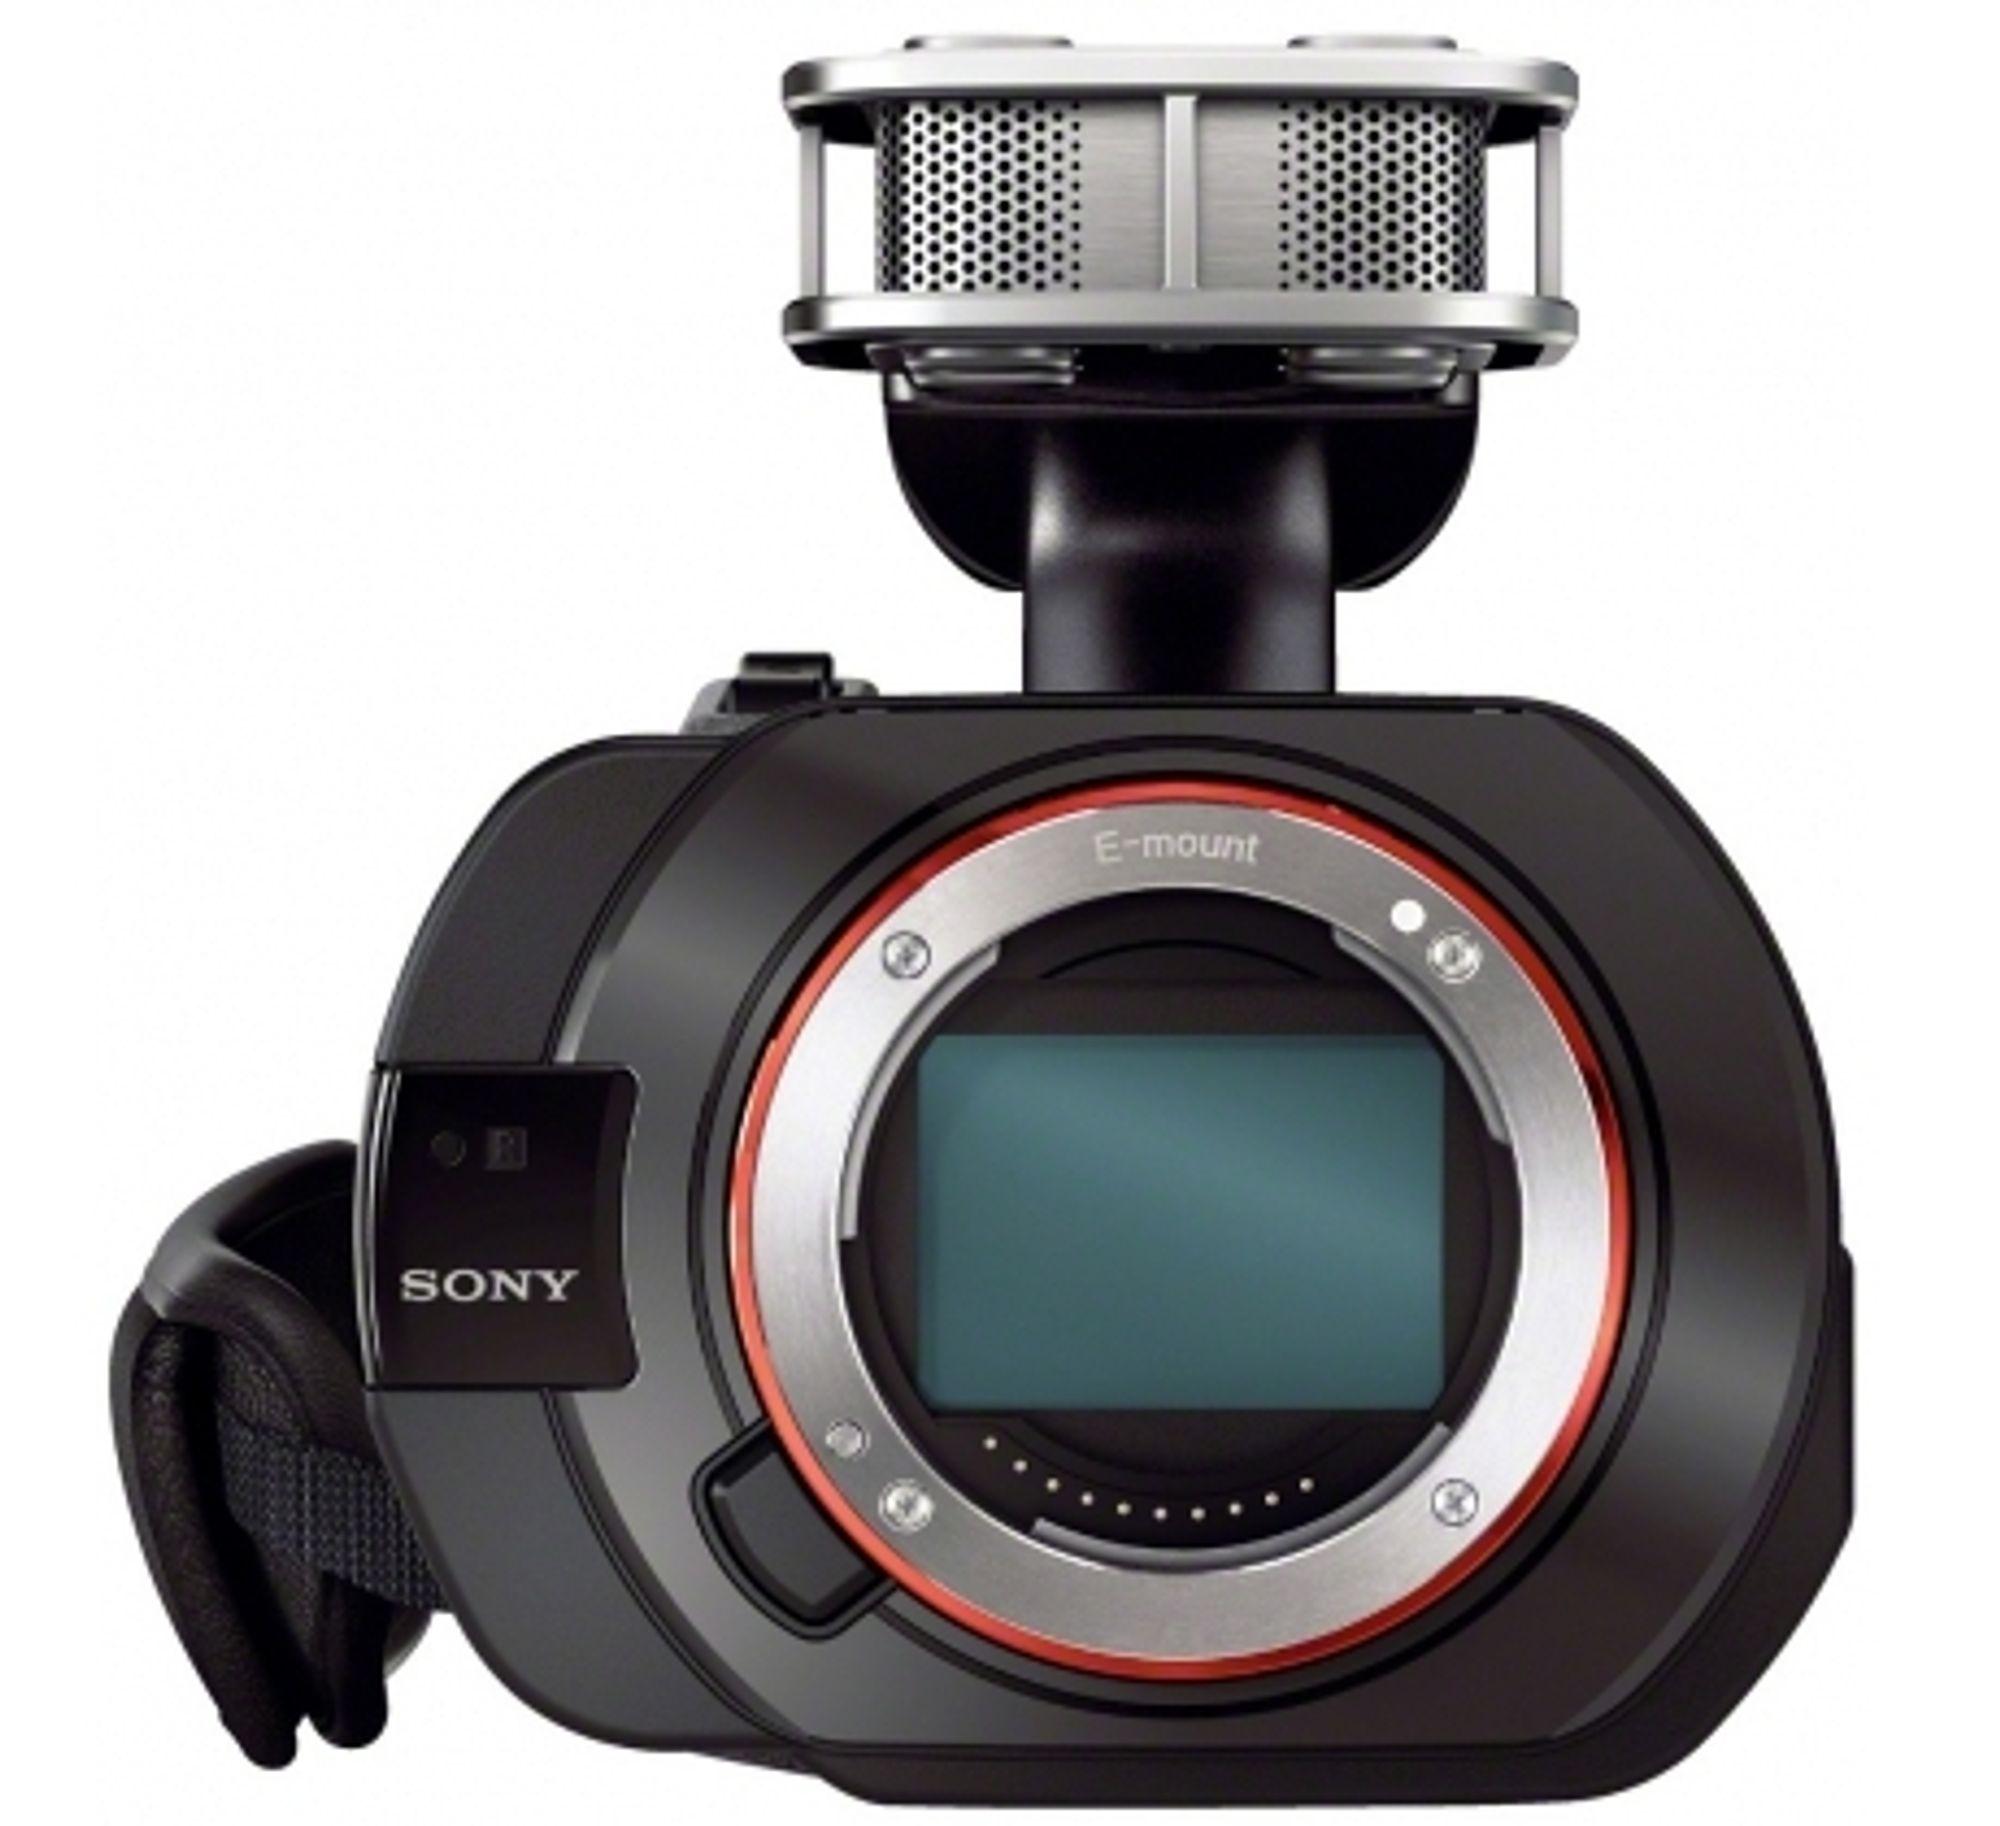 Sony NEX-VG900E.